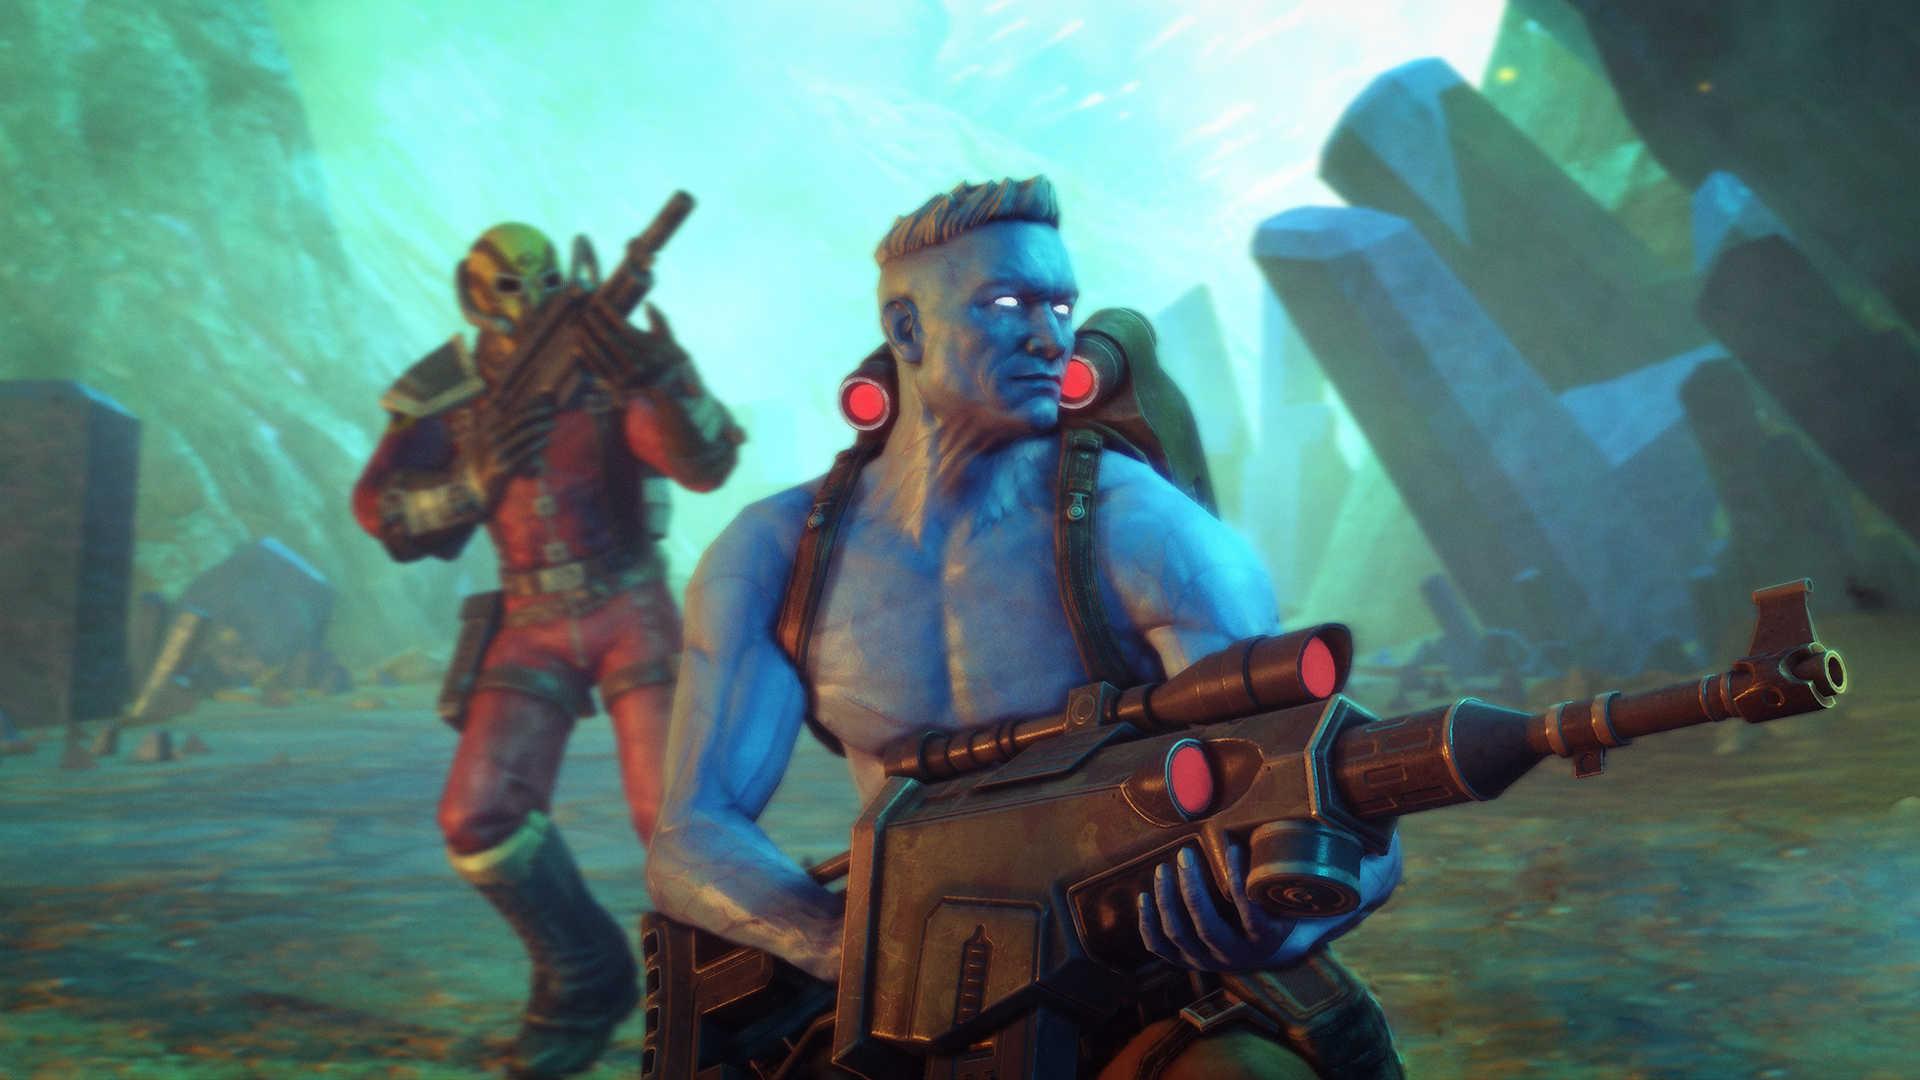 Rogue Trooper Redux (PS4) - he's always feeling blue